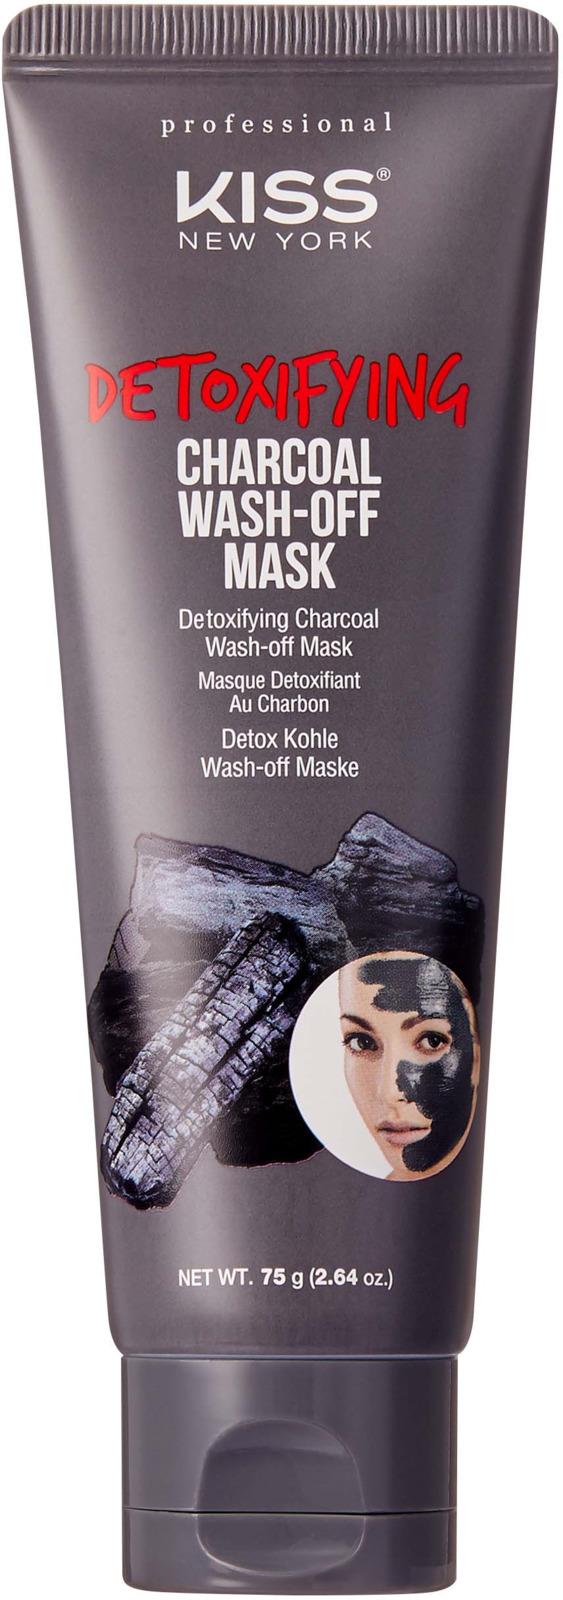 Смываемая детокс-маска Kiss New York Professional С углем, 75 г skinfood freshmade маска смываемая клюквенная freshmade маска смываемая клюквенная